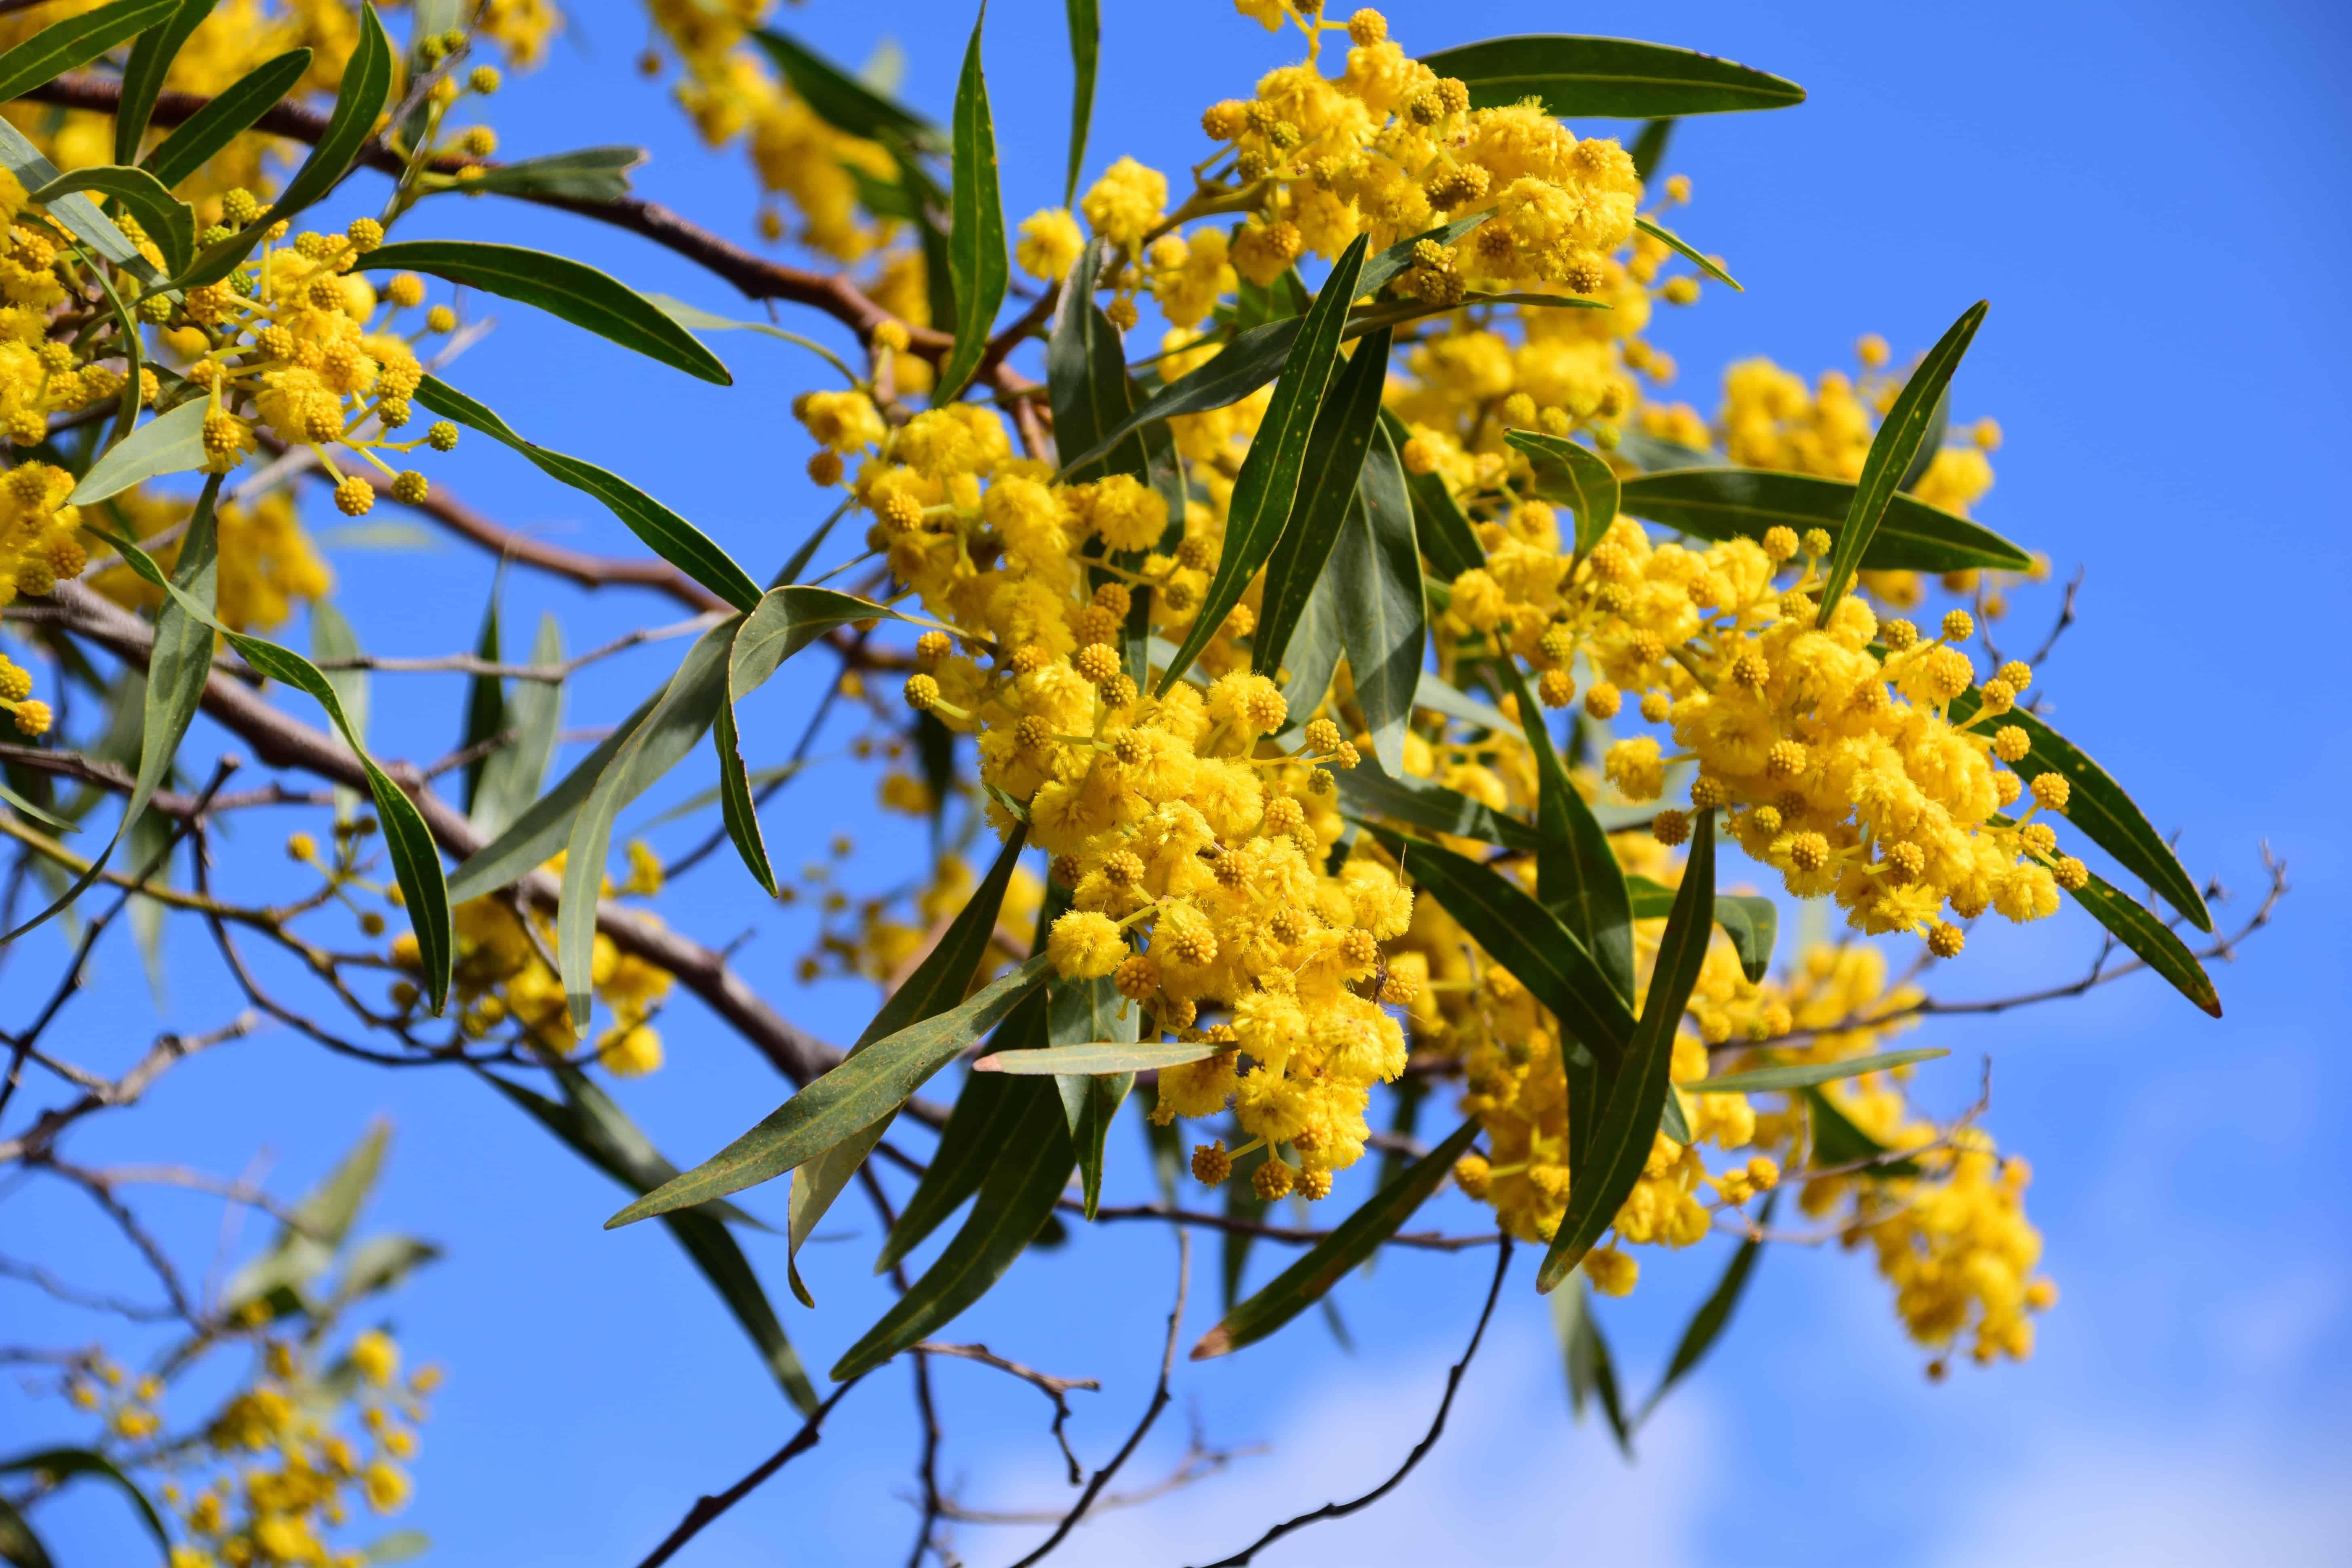 Image libre jardin fleurs flore nature branche feuille arbre plante - Initiatives fleurs et nature ...